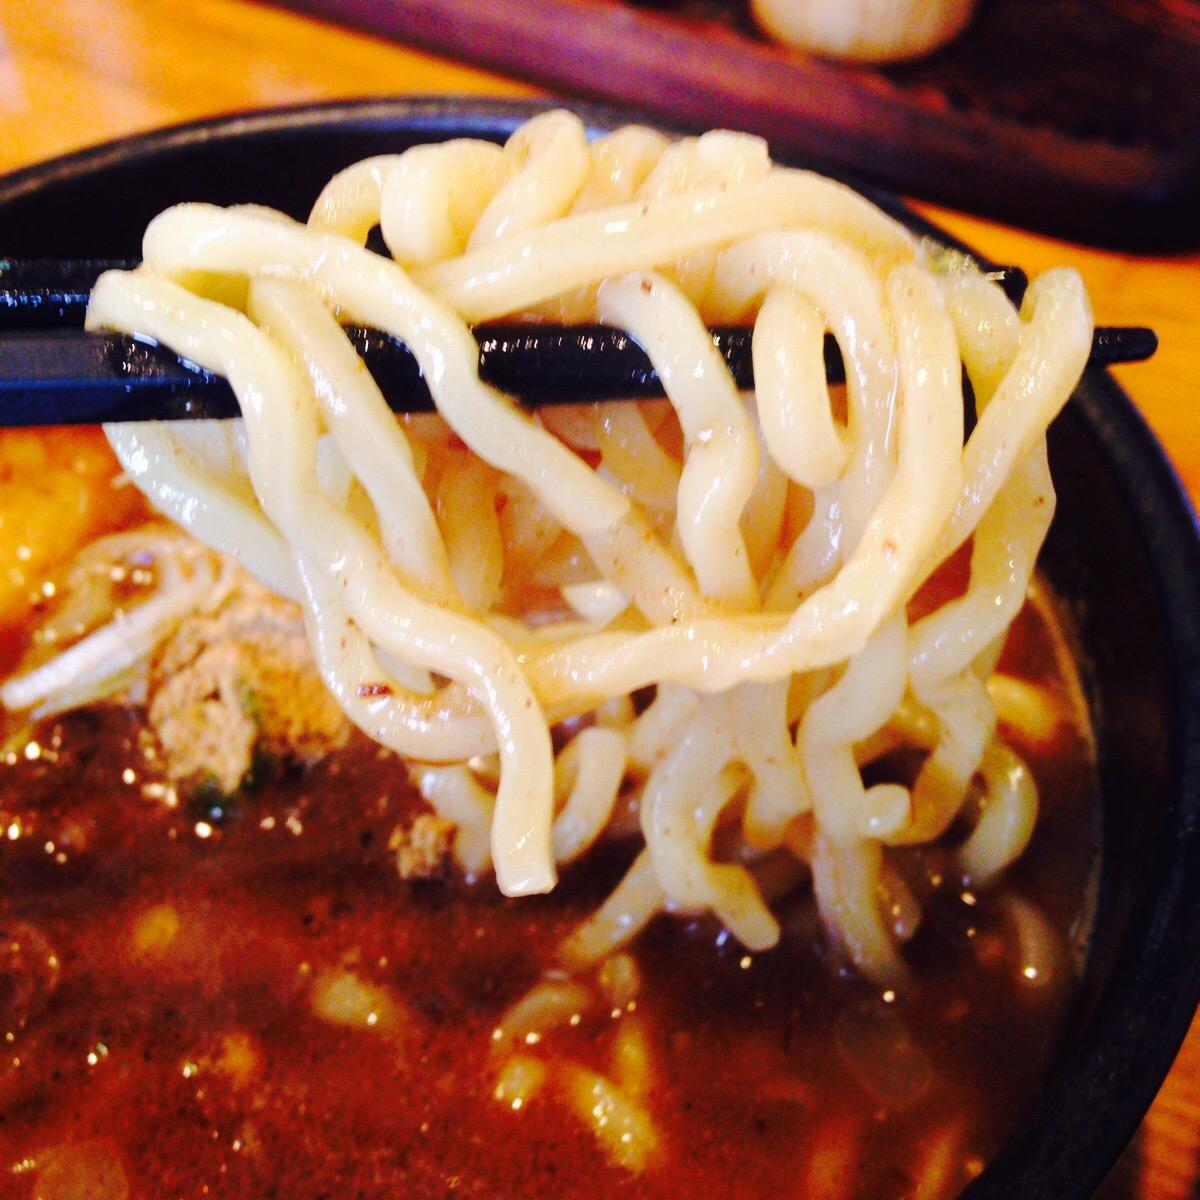 一度食べるとやみつきになっちゃう!山葵をつけて食べる魚介系ダシのつけ麺『武士道』(千葉県柏市)